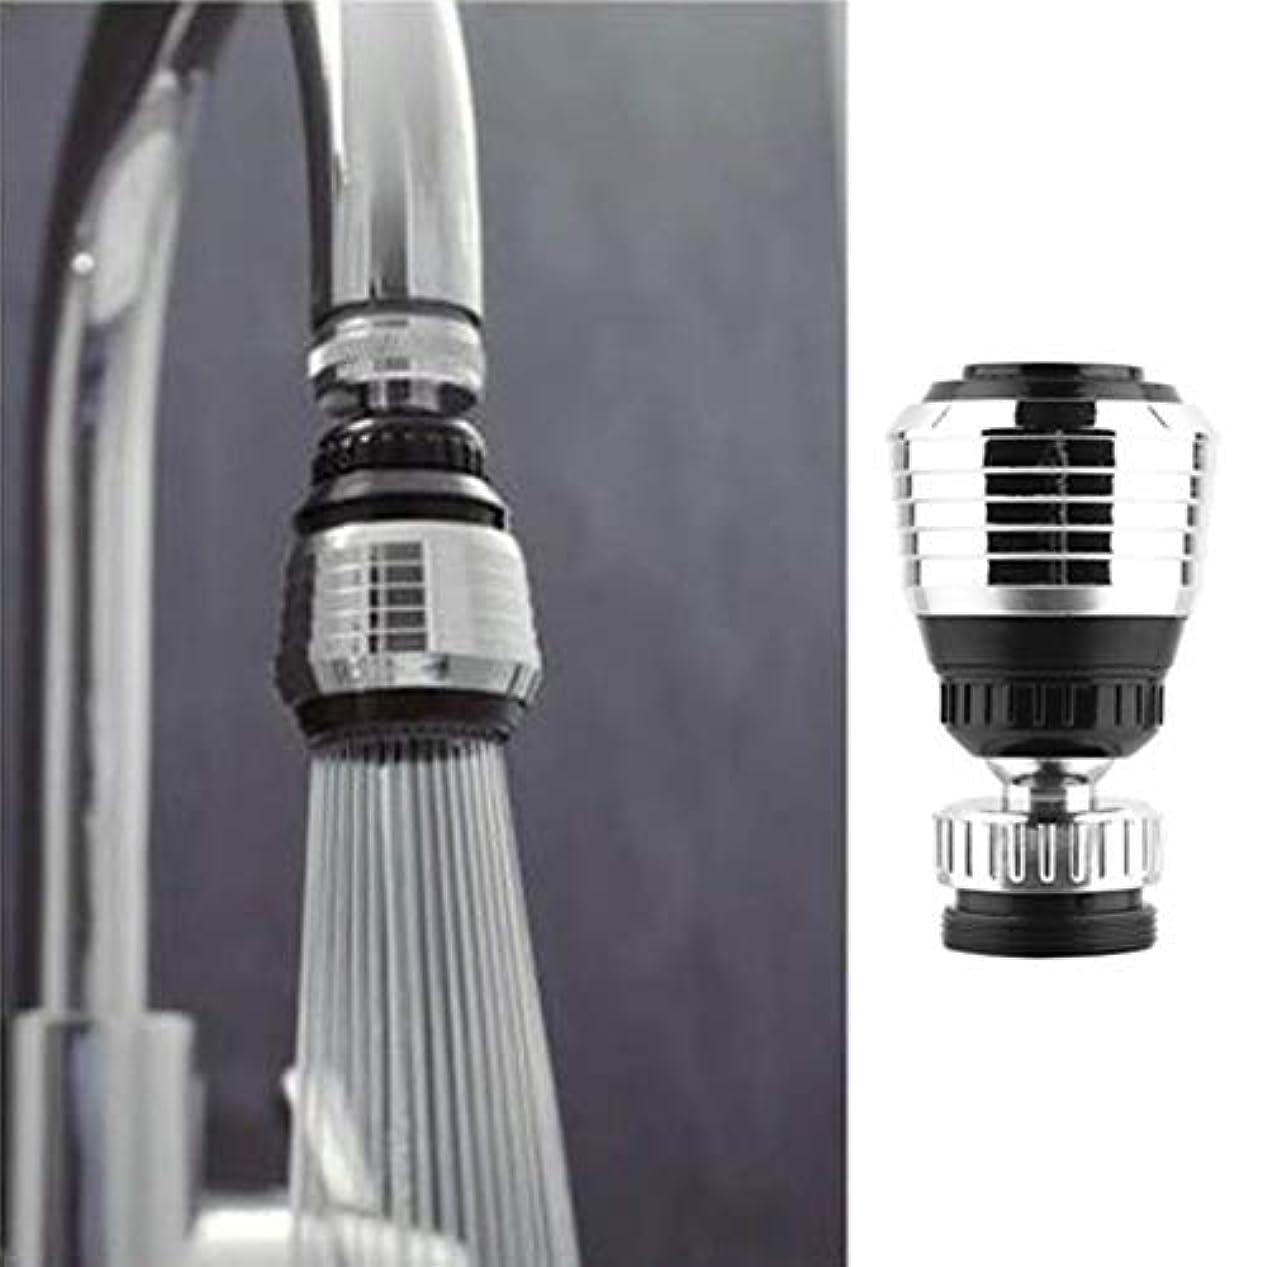 愛されし者ハンマー裂け目boxiangxu Rotate Water Saving Tap Bubbler Aerator Diffuser Swivel Faucet Nozzle kitchen & bathroom filter nozzle...